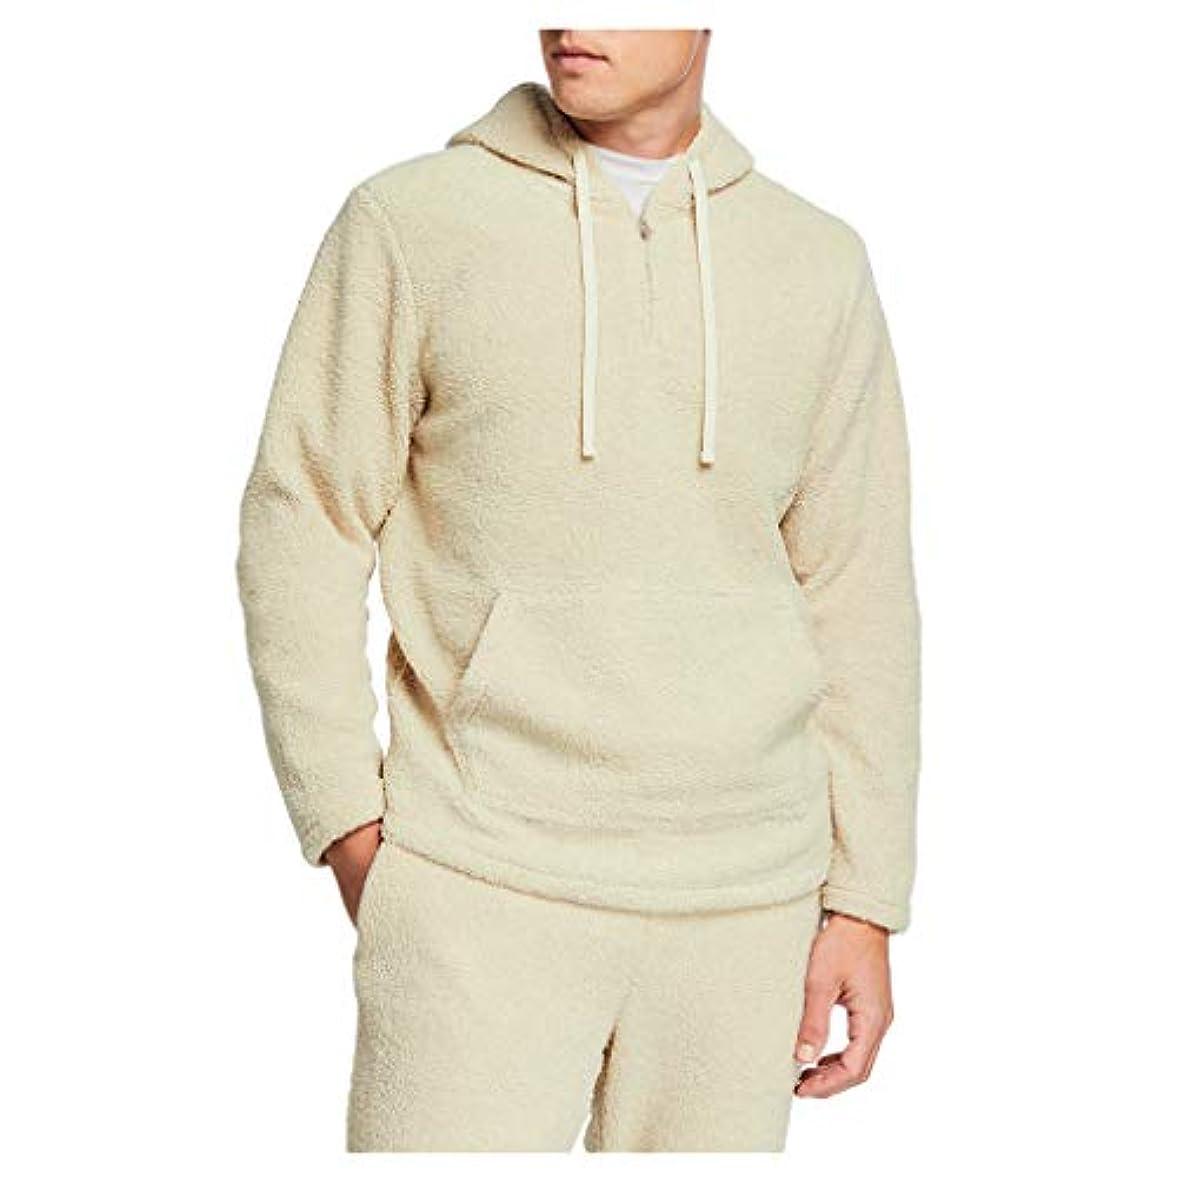 現金ギャラリー十分なハイネック セーター 韓国 ファッション 冬 長袖 メンズ メンズ セーター クルーネック ニットセーター グラデーション カットソー トップス カジュアル 無地 丸首 ストリート アウトドア ゆったり 中厚